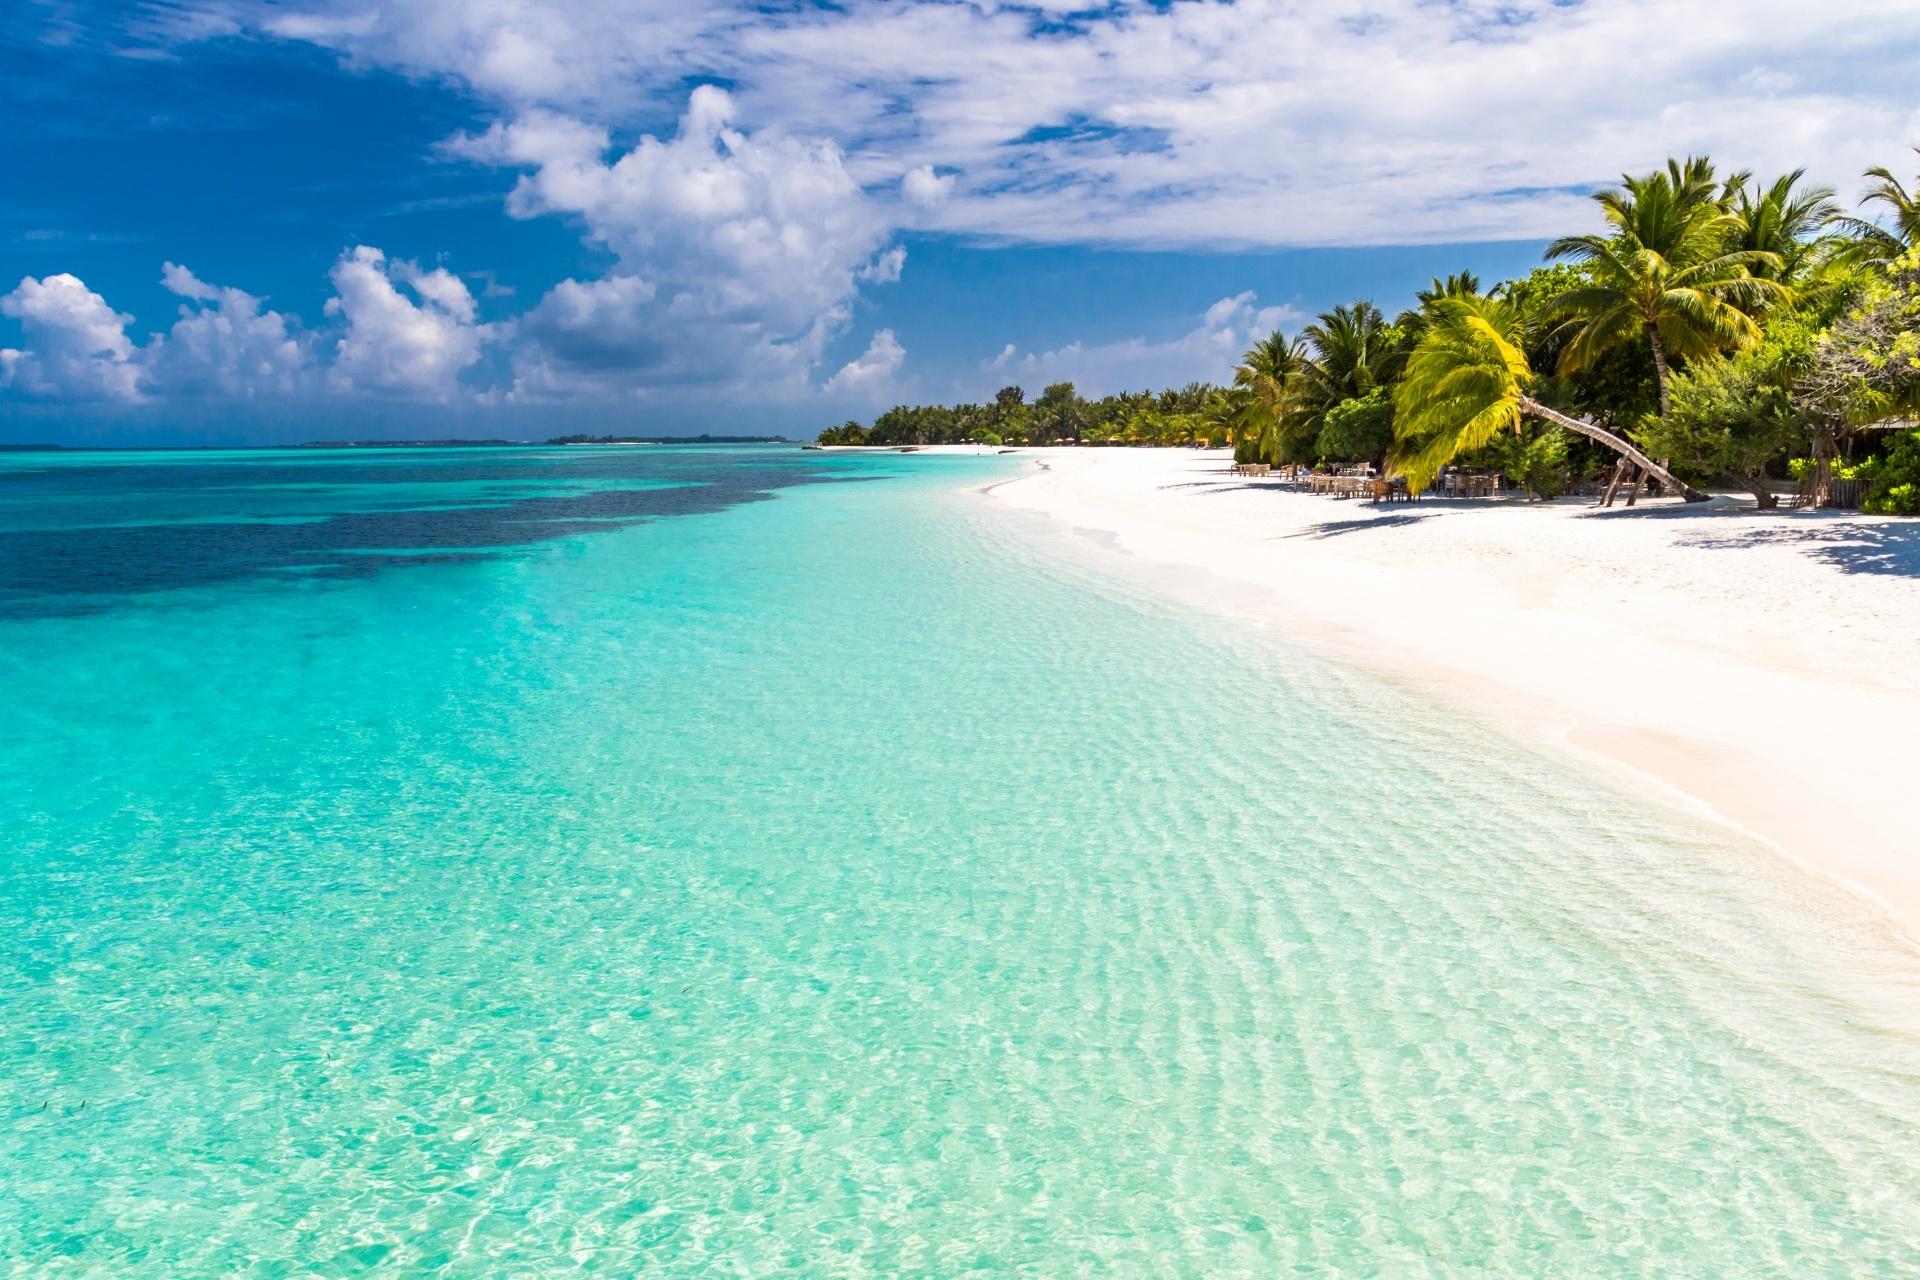 モルディブの空と海と砂浜 モルディブの風景